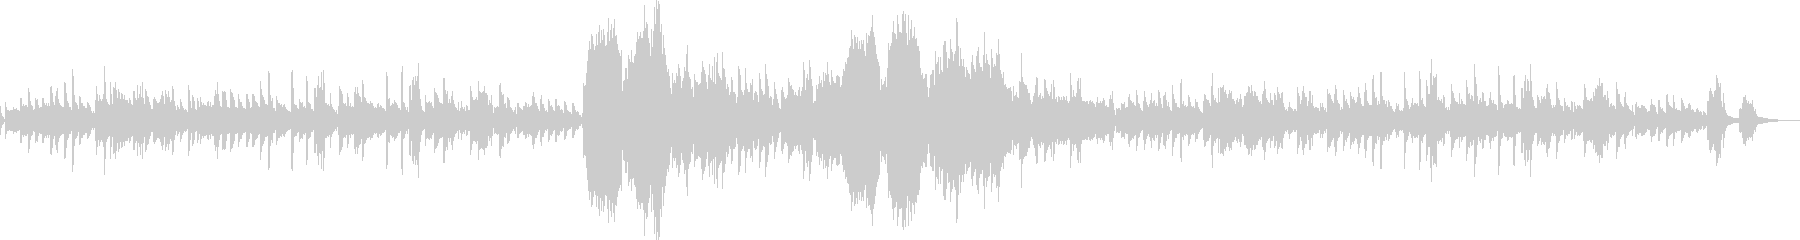 ショパン ノクターン Op15-No1の未再生の波形